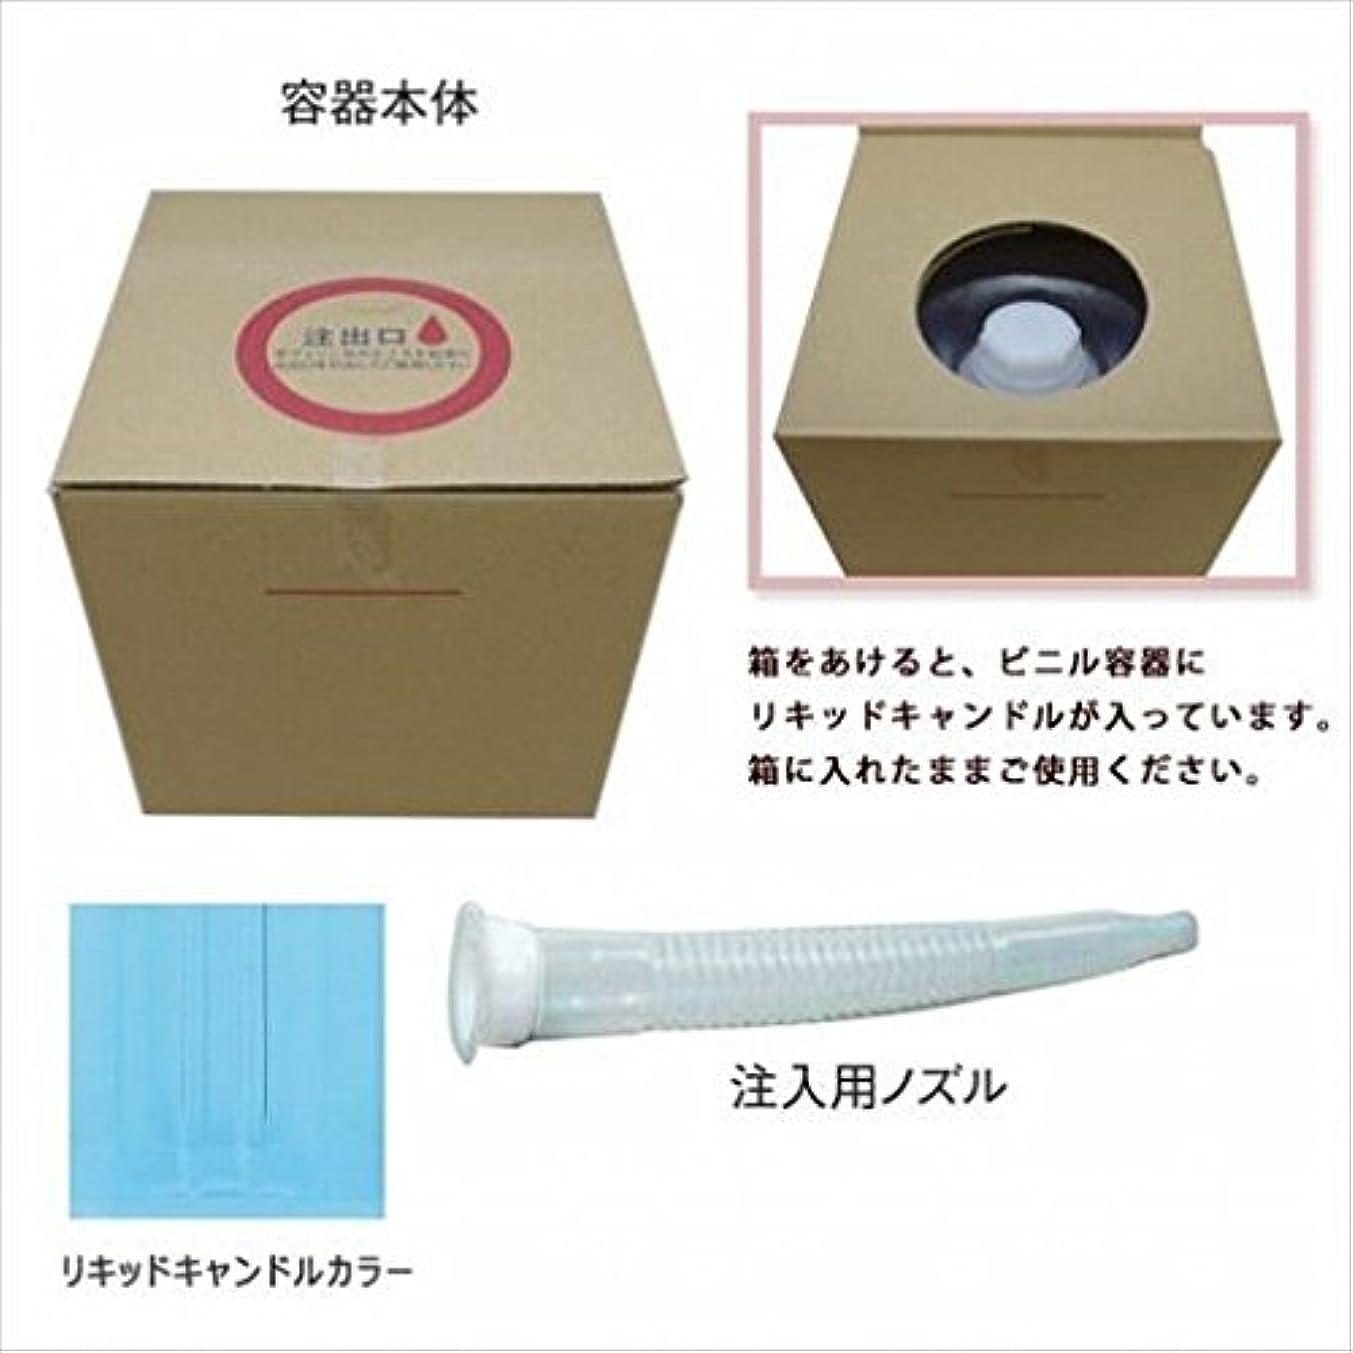 物理的な正直デイジーkameyama candle(カメヤマキャンドル) リキッドキャンドル5リットル 「 ライトブルー 」(77320000LB)